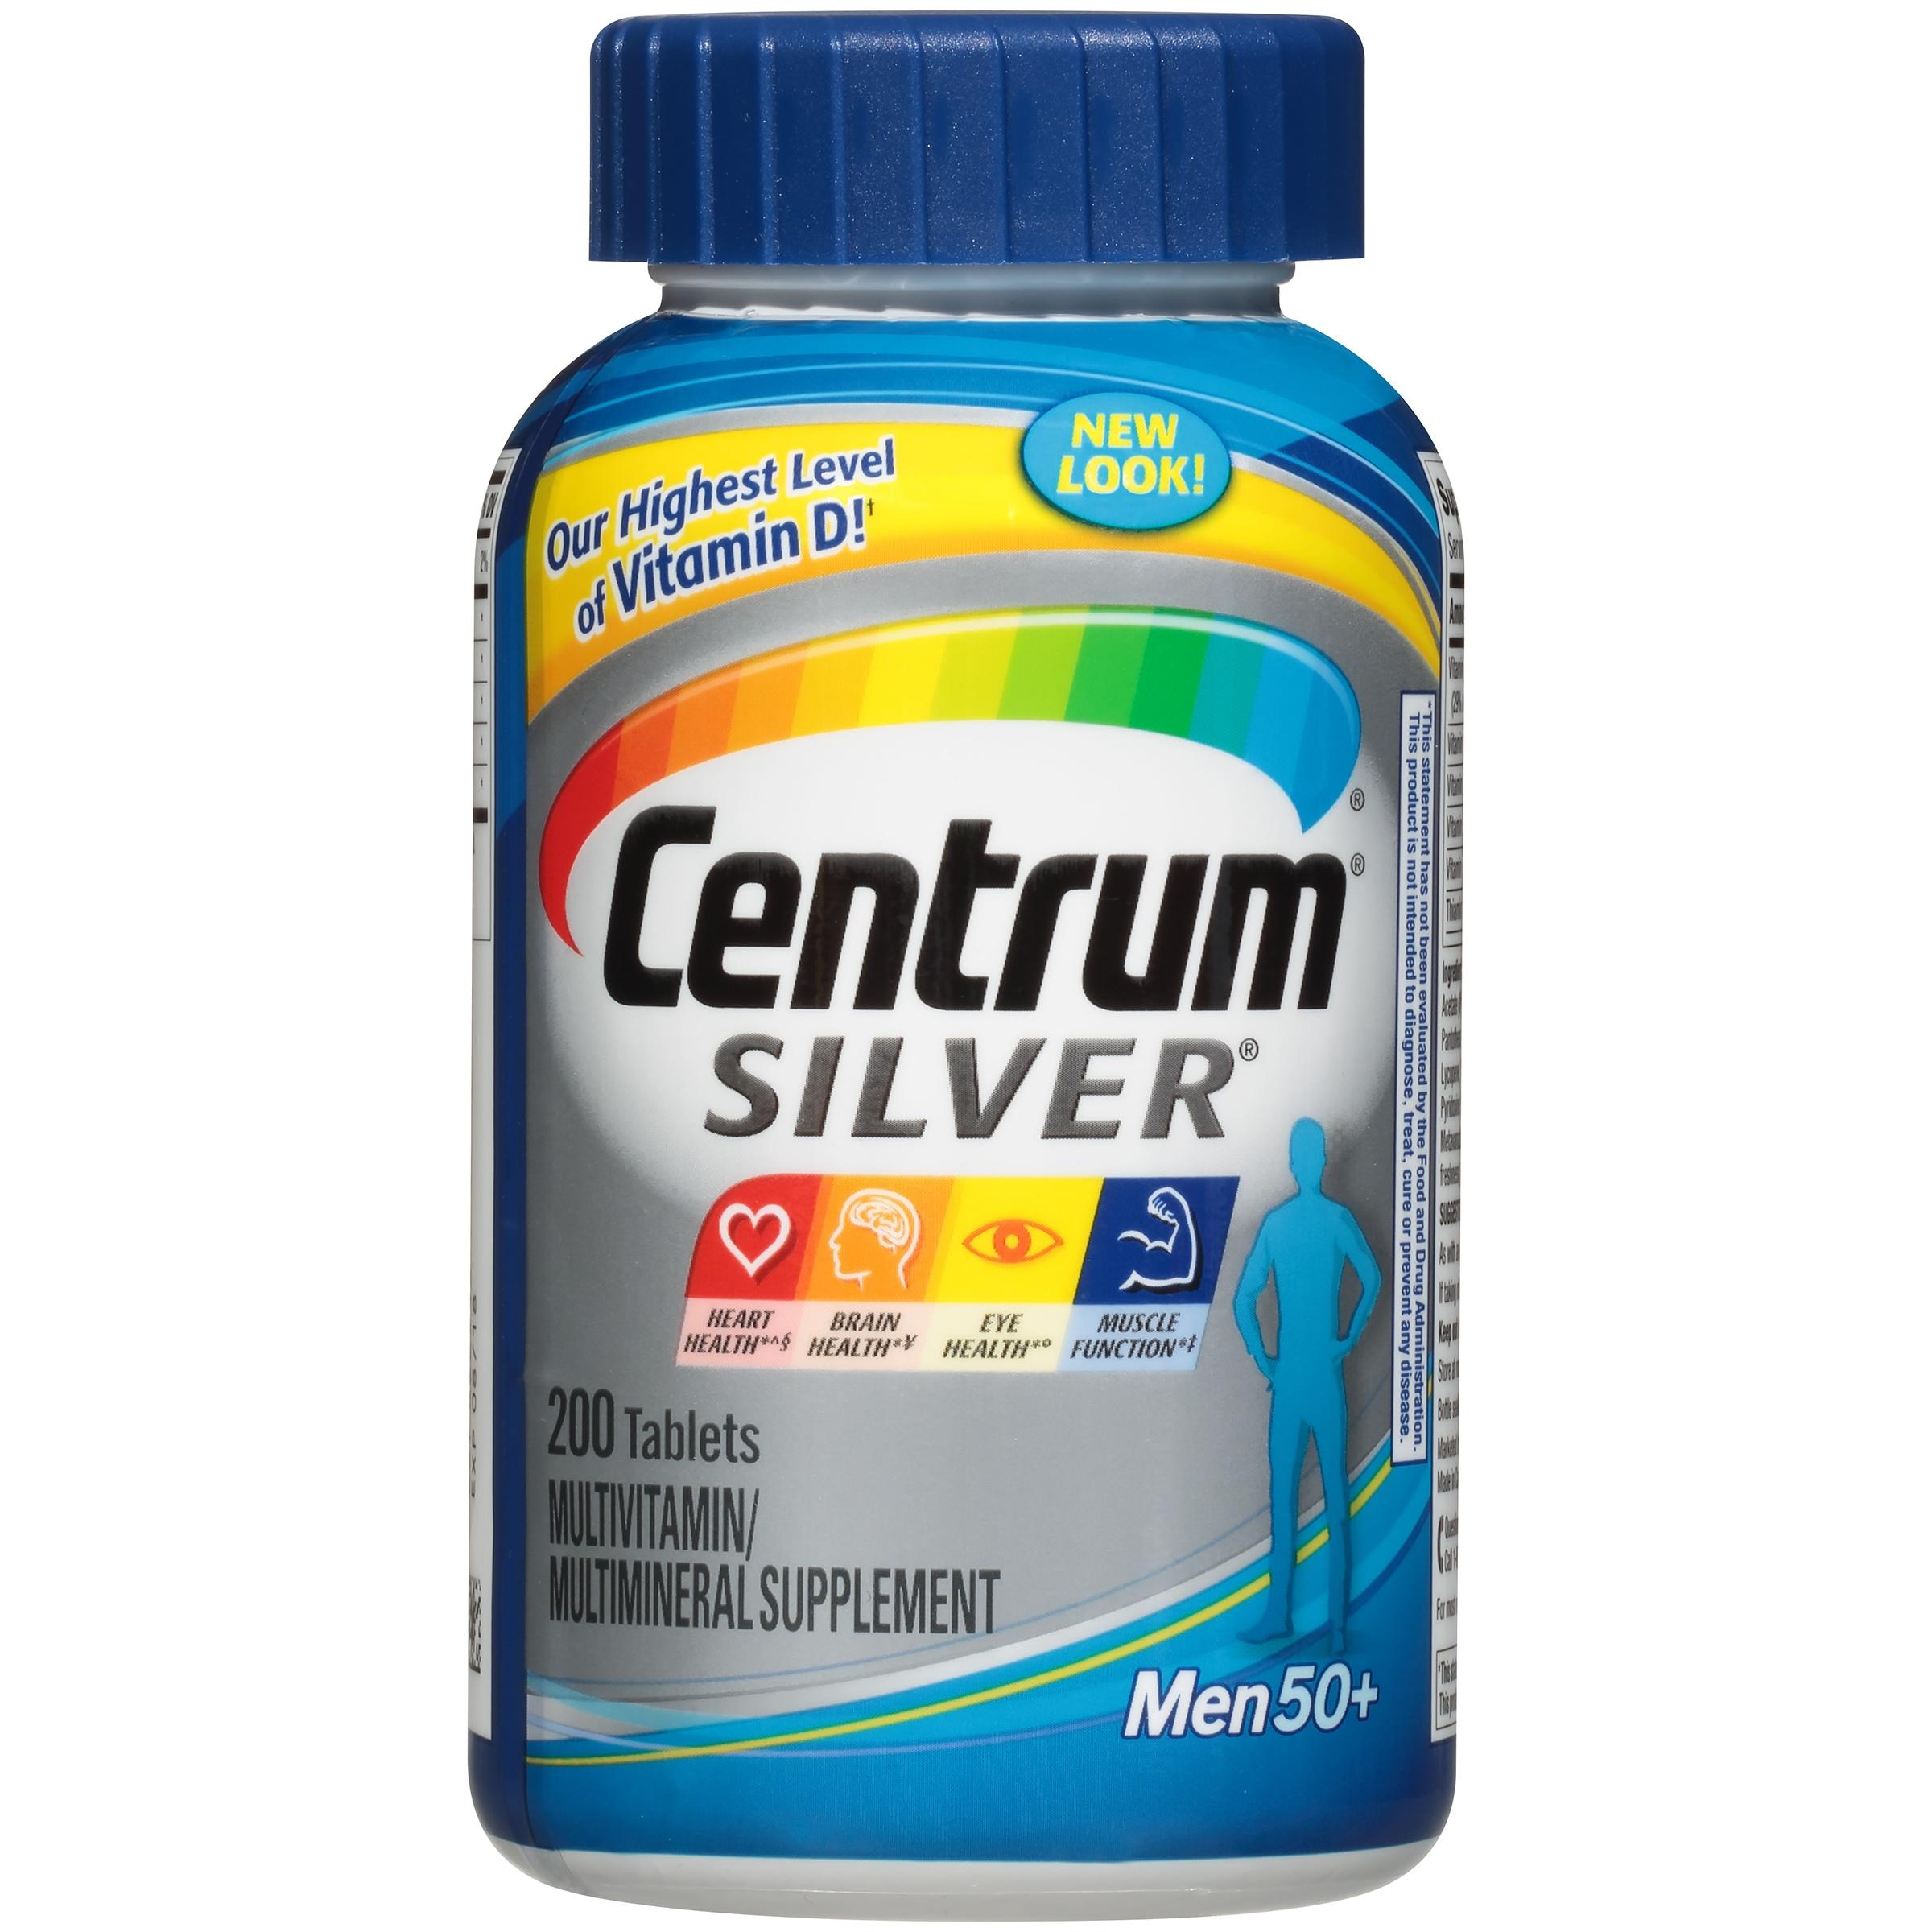 Mens vitamin supplements